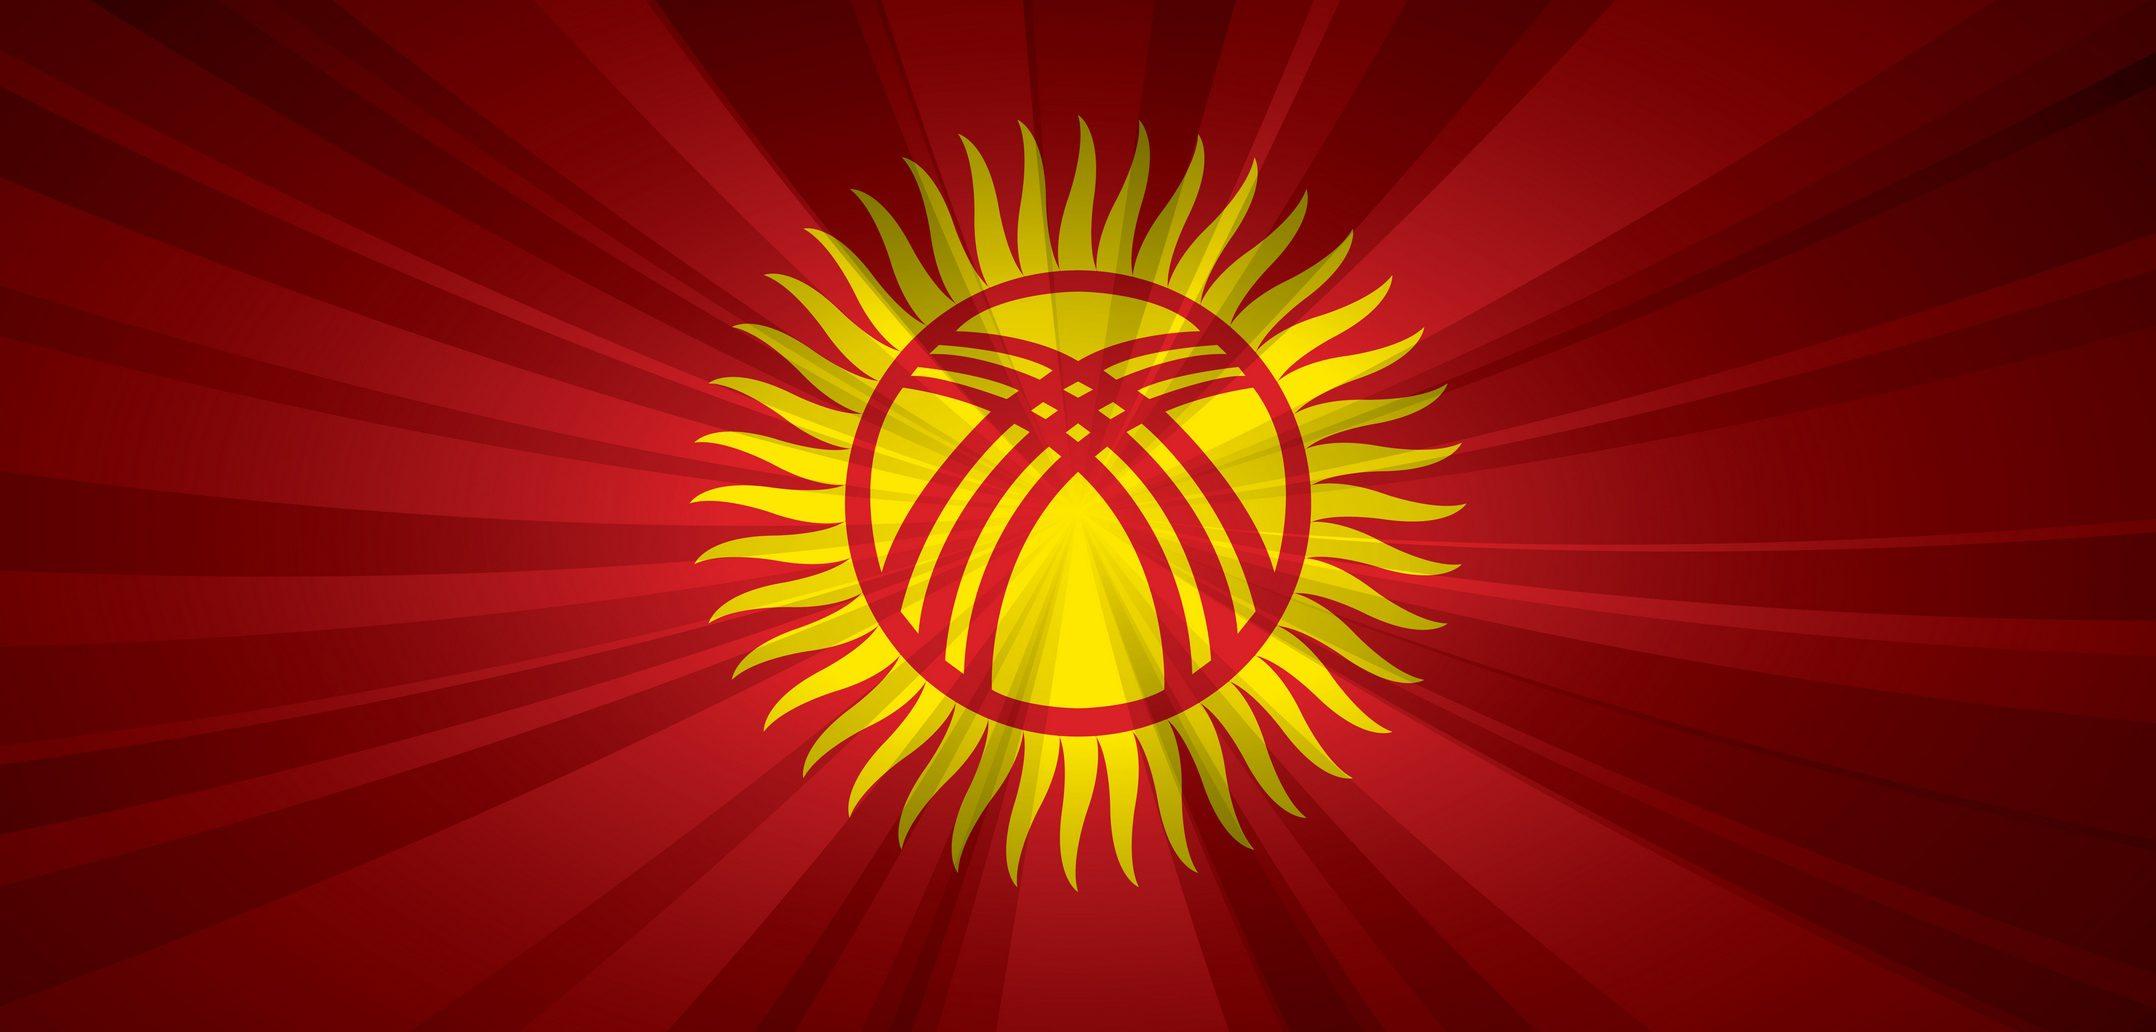 благодарна флаг кыргызстана фото вариантов жидкой основы